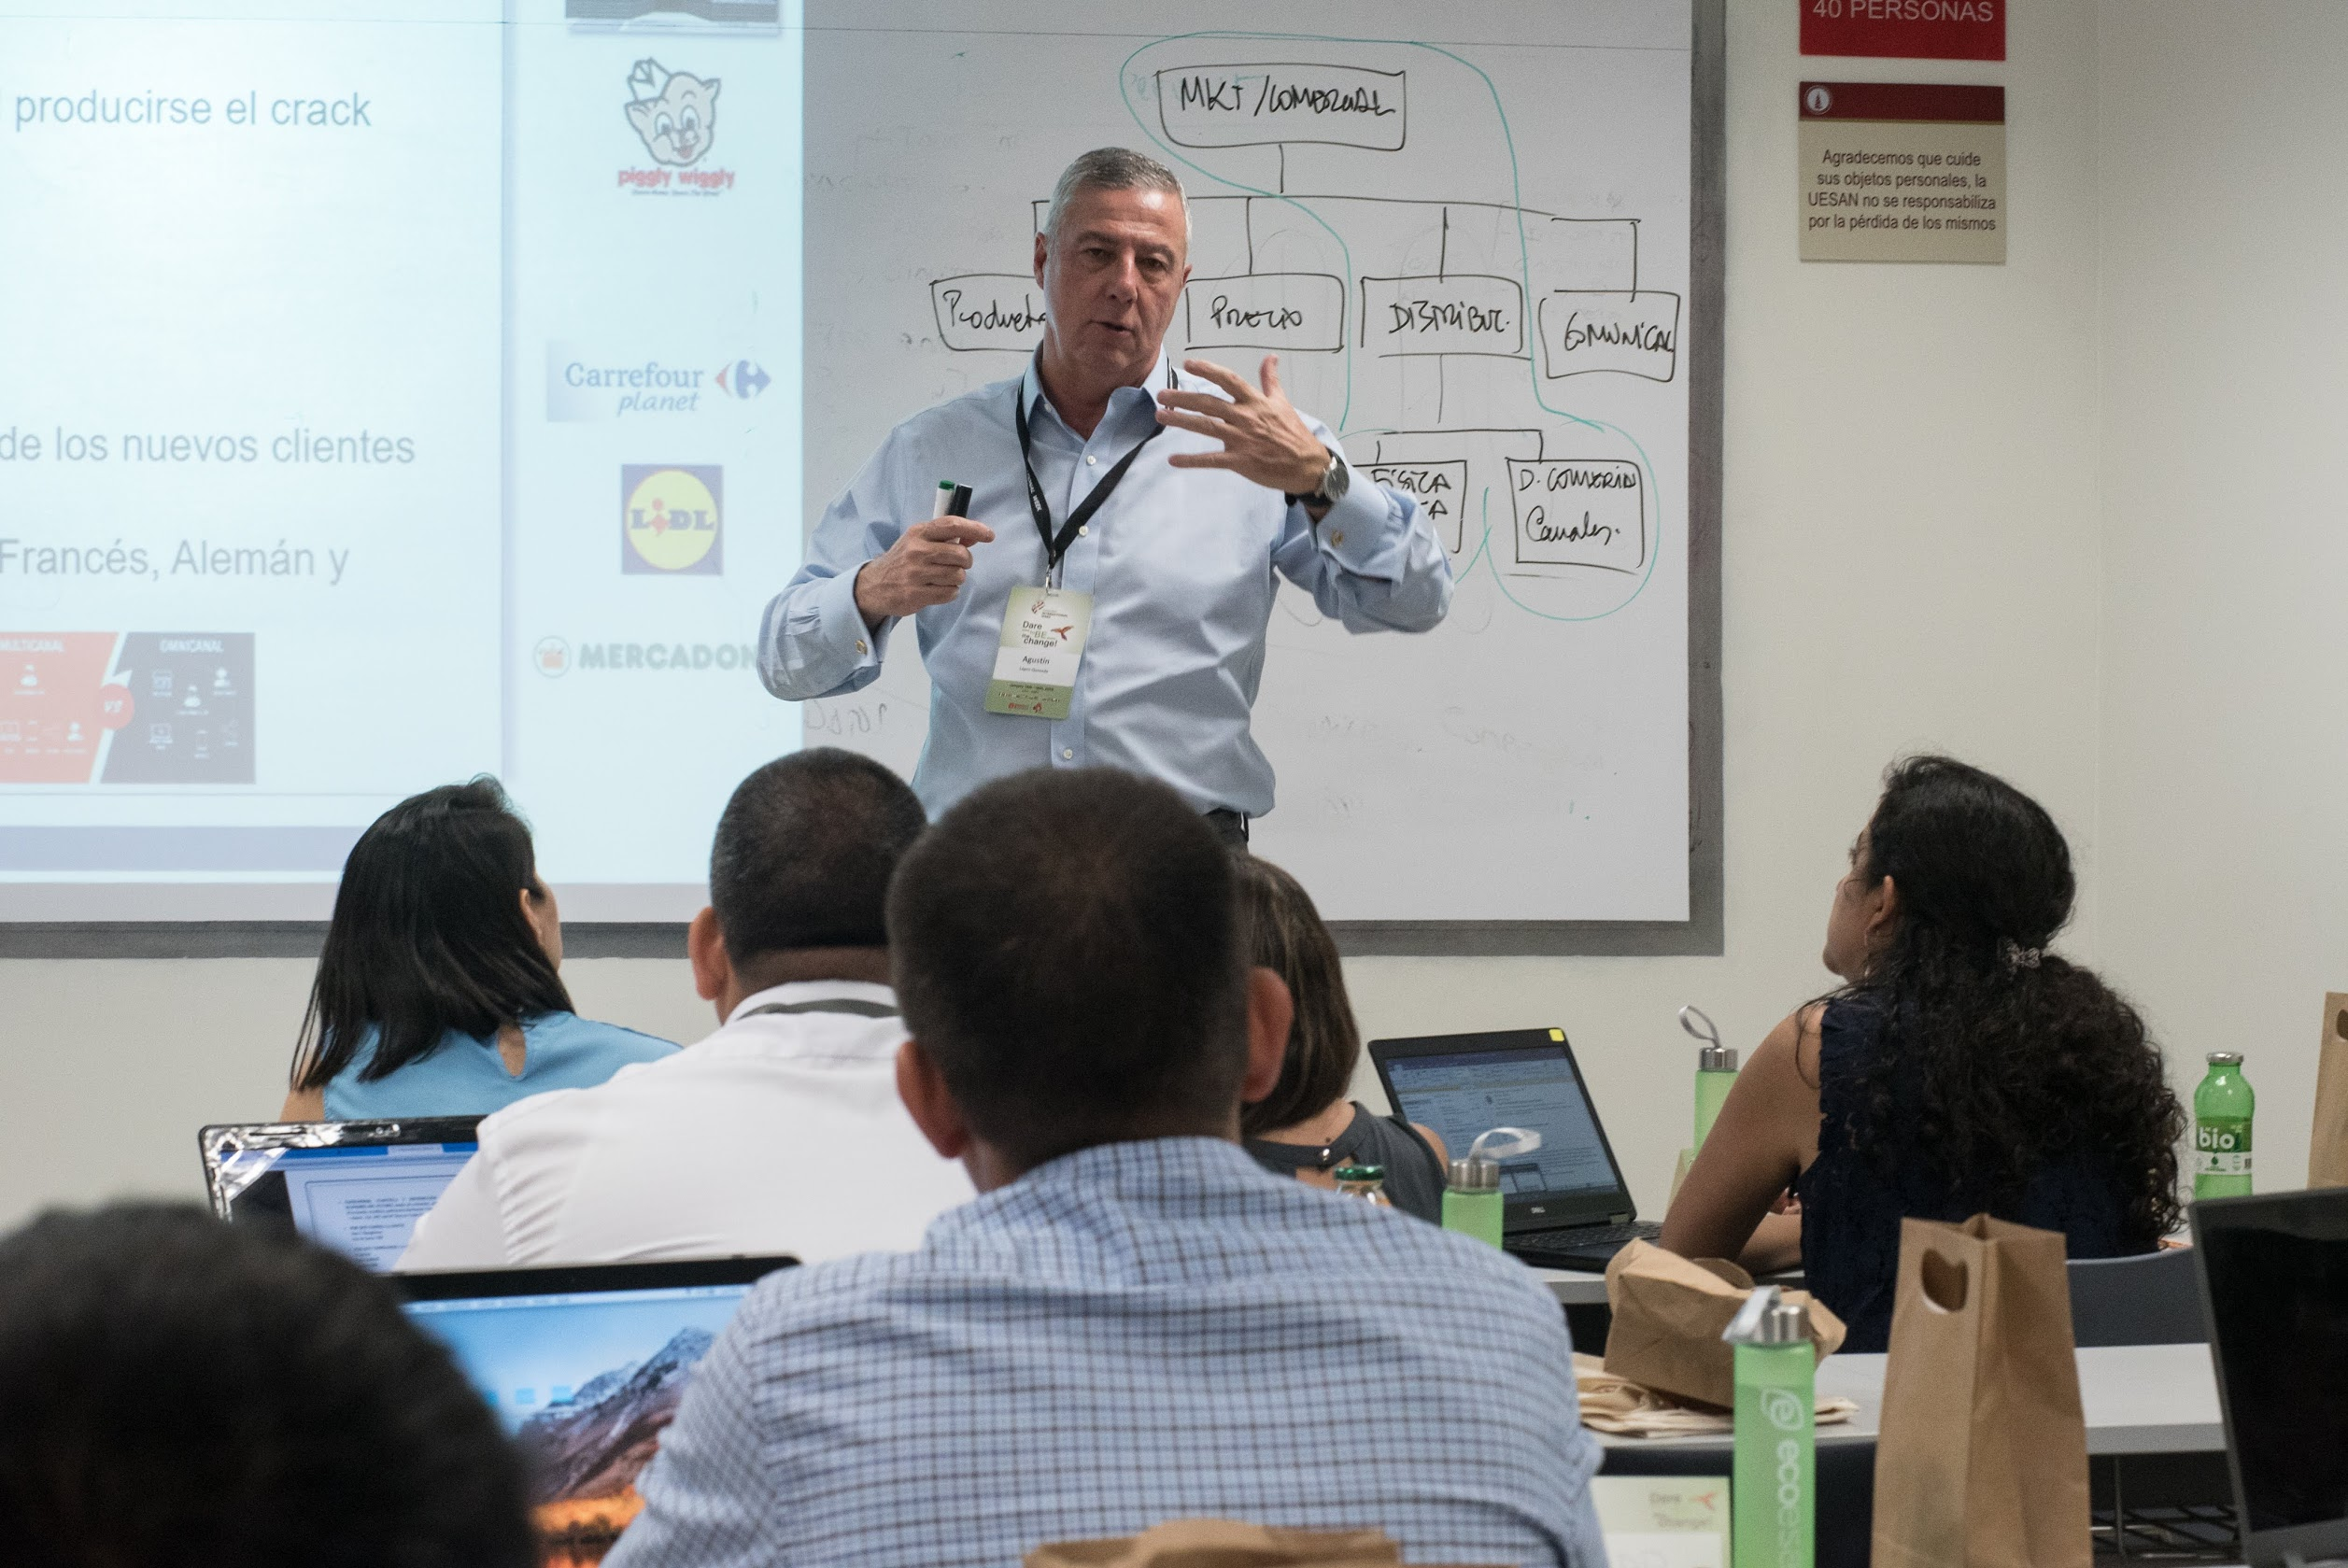 Agustín López-Quesada del Retail Institute participó en la semana internacional de ESAN